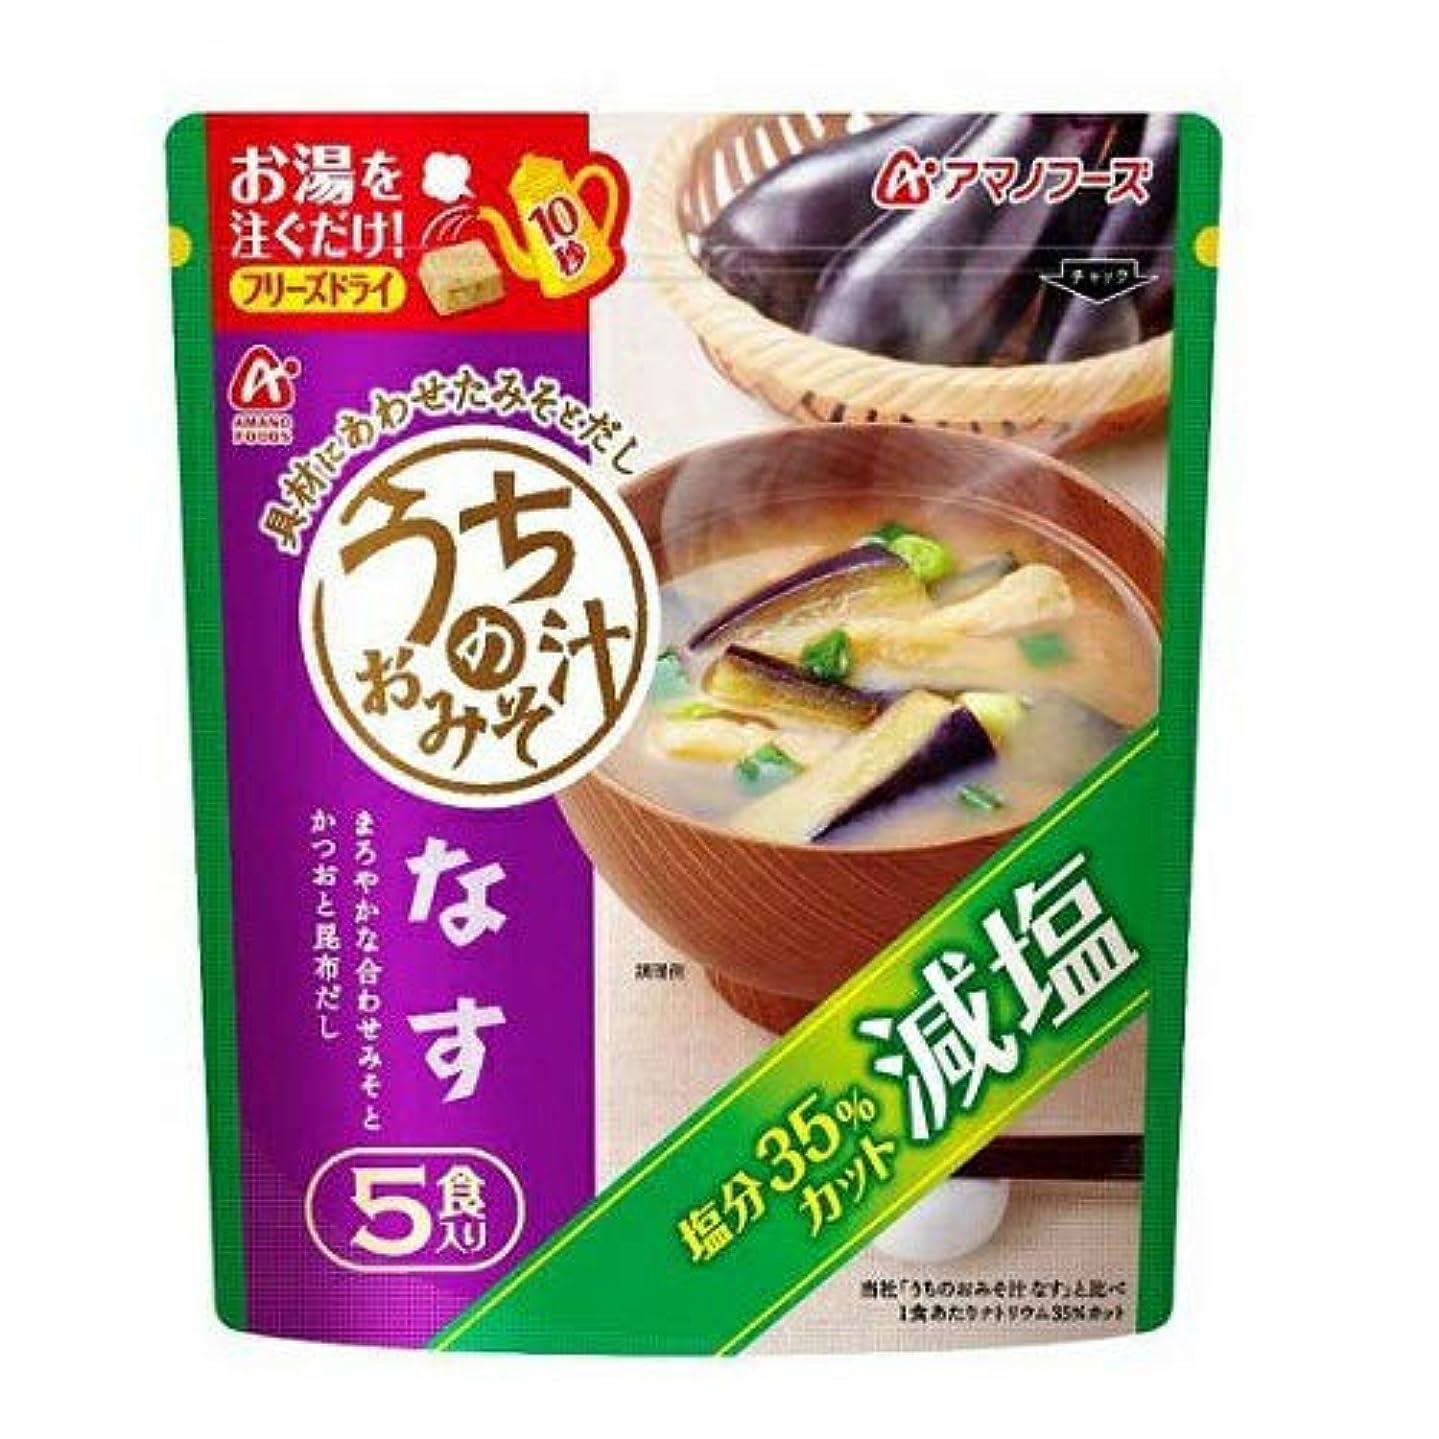 登場瞑想ゲームアサヒグループ食品 アマノフーズ インスタント 減塩うちのおみそ汁 なす 5食入